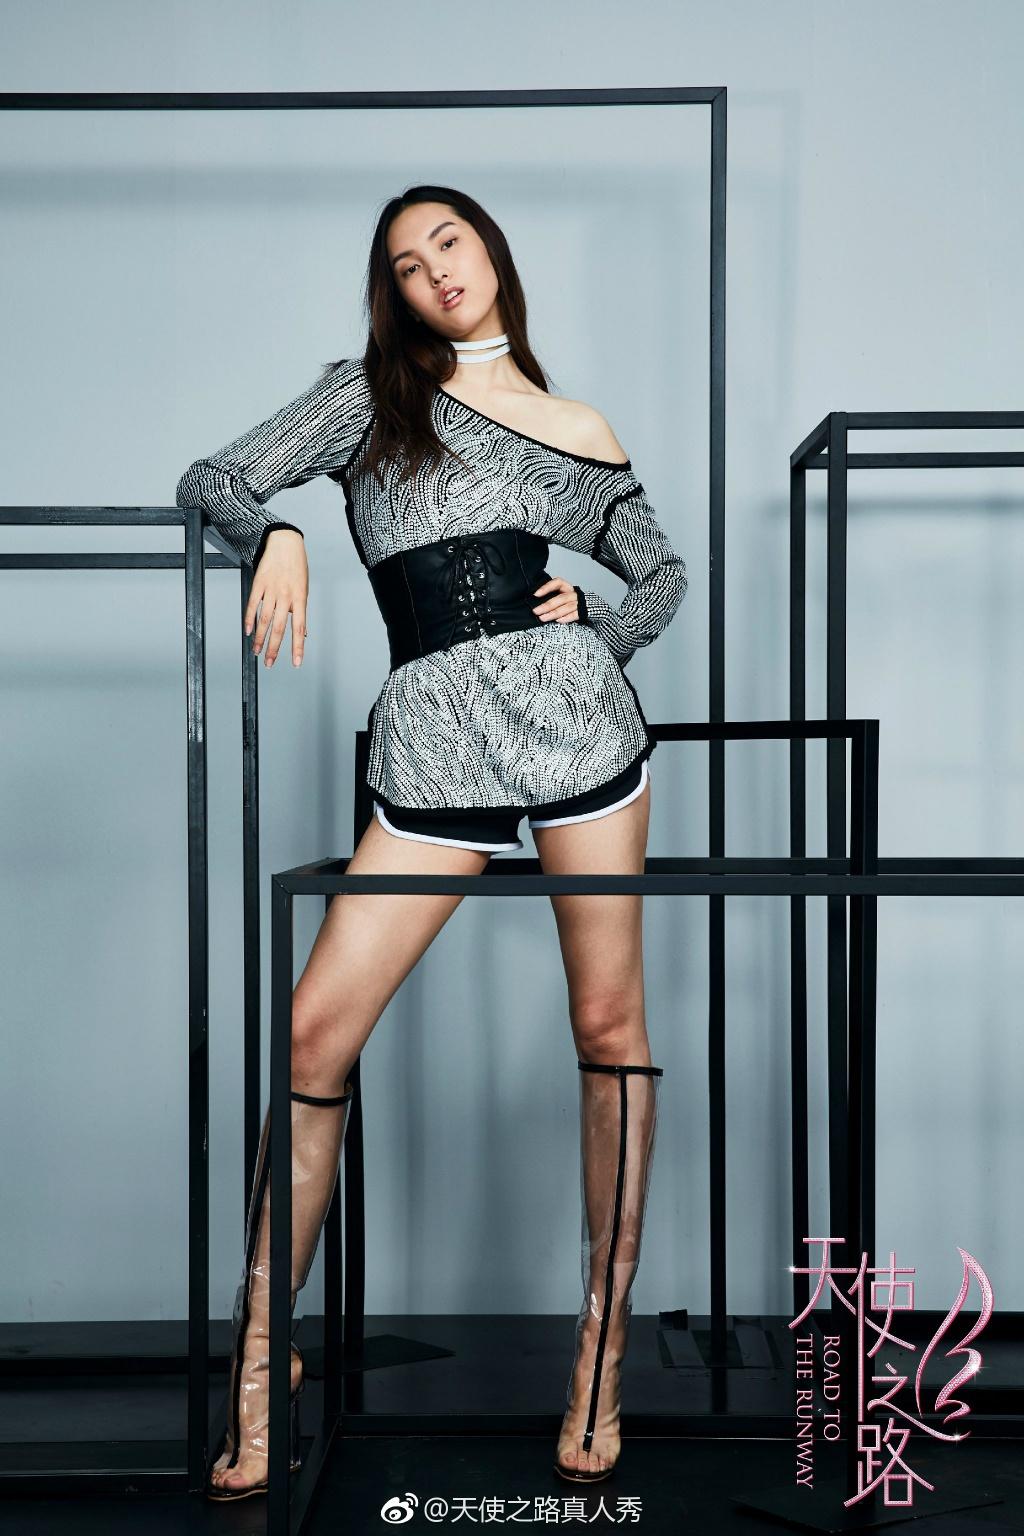 Dàn thí sinh show tuyển mẫu cho Victorias Secret: Xinh và nuột thôi rồi! - Ảnh 9.